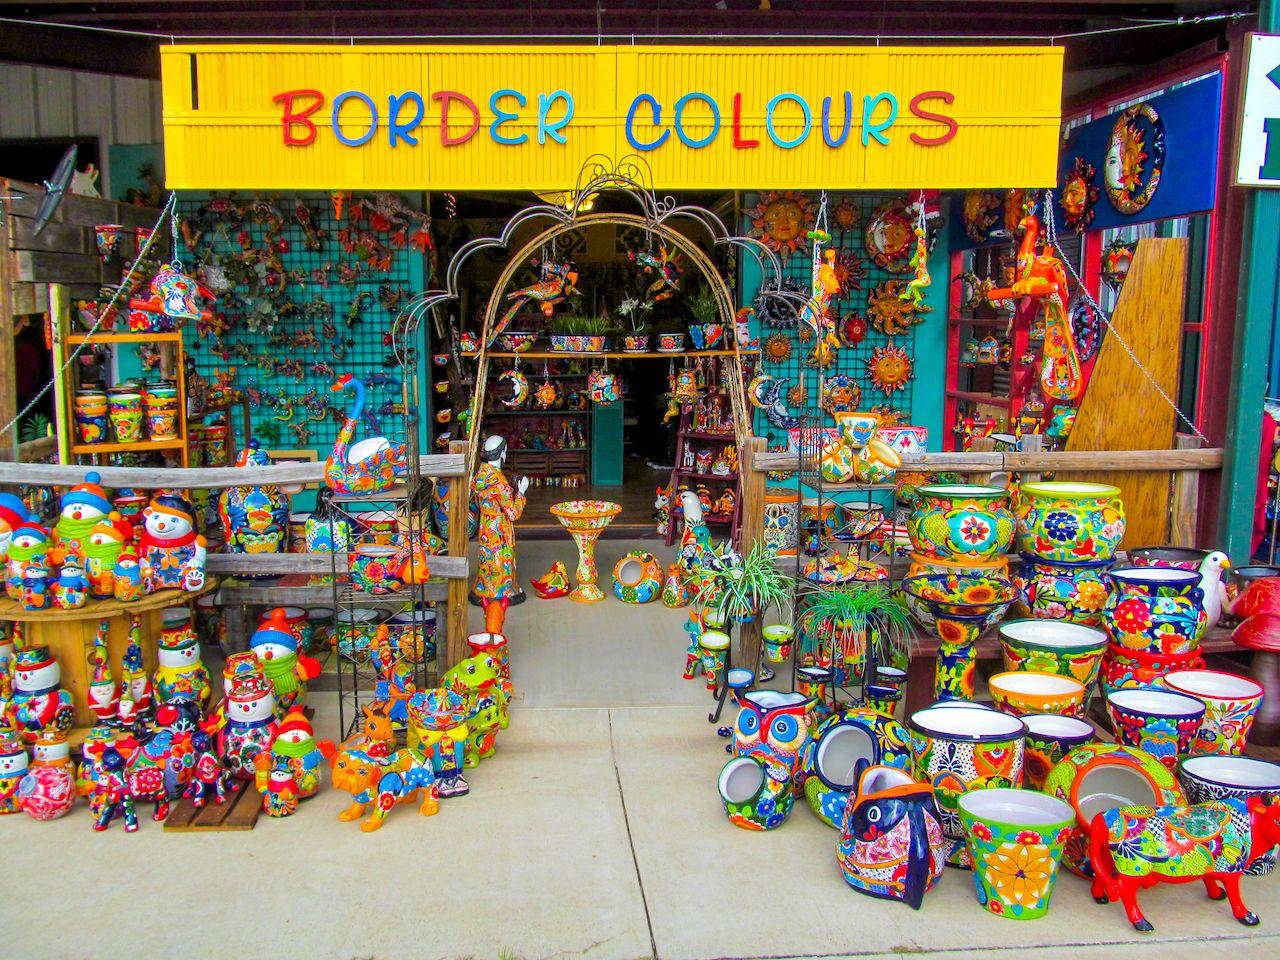 Mexican Ceramic at a Texas Flea Market